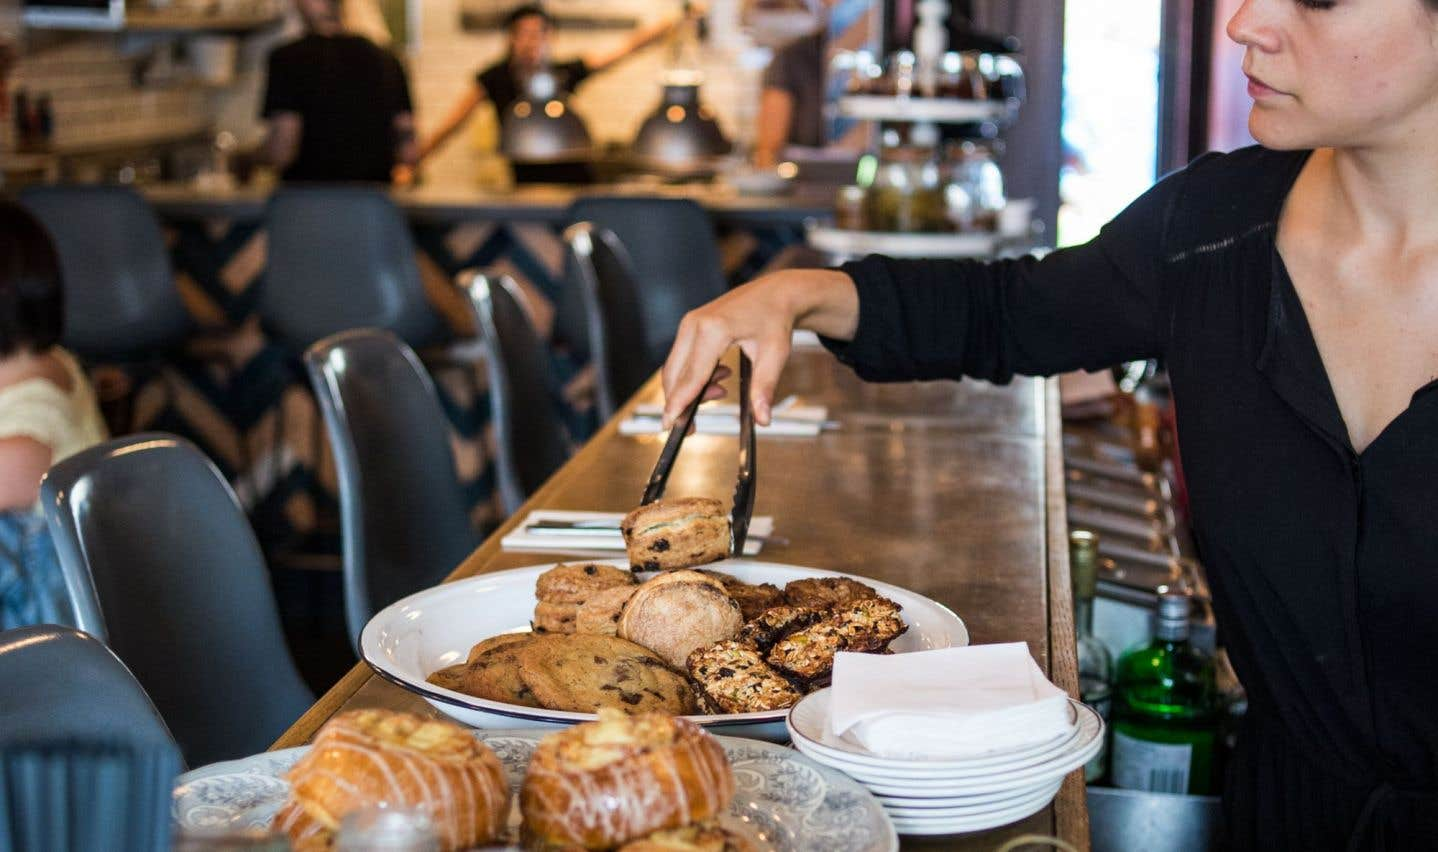 Les assiettes ont beau être petites et les portions aussi, évidemment, on sort rarement affamé de ce minuscule local qui abrite le restaurant montréalais Larry's.